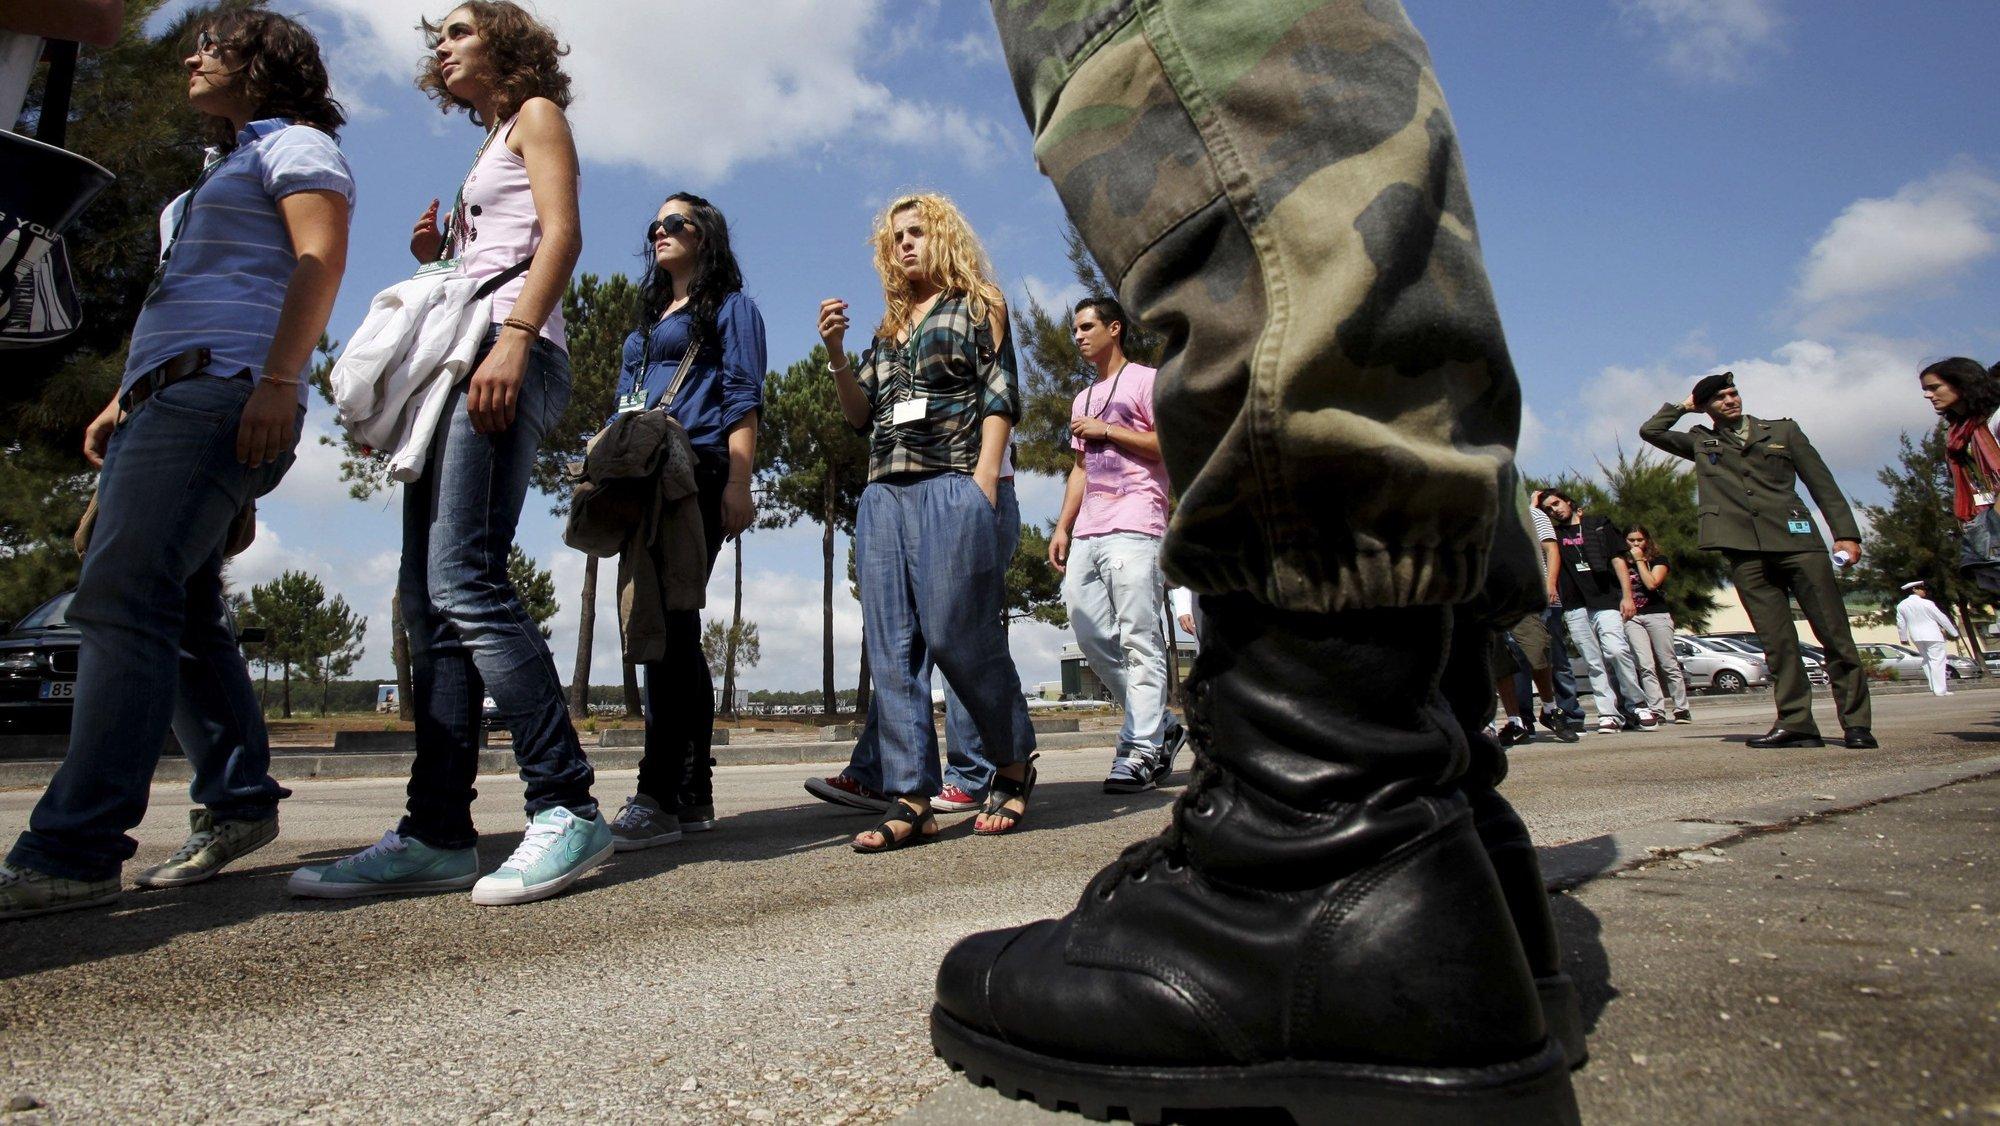 """Jovens na Base área nº 5 de Monte Real no Dia da Defesa Nacional em que pela primeira vez, as mulheres estão obrigadas a comparecer. A 7 ª edição desta iniciativa que se prolonga até 27 de maio de 2011, abrange 132 118 jovens e pretende sensibilizar os jovens para esta temática e divulgar o papel das Forças Armadas, no que o Ministério da Defesa Nacional (MDN) designa de """"jornada de cidadania"""", Leiria, 20 de setembro de 2010. PAULO CUNHA/LUSA"""